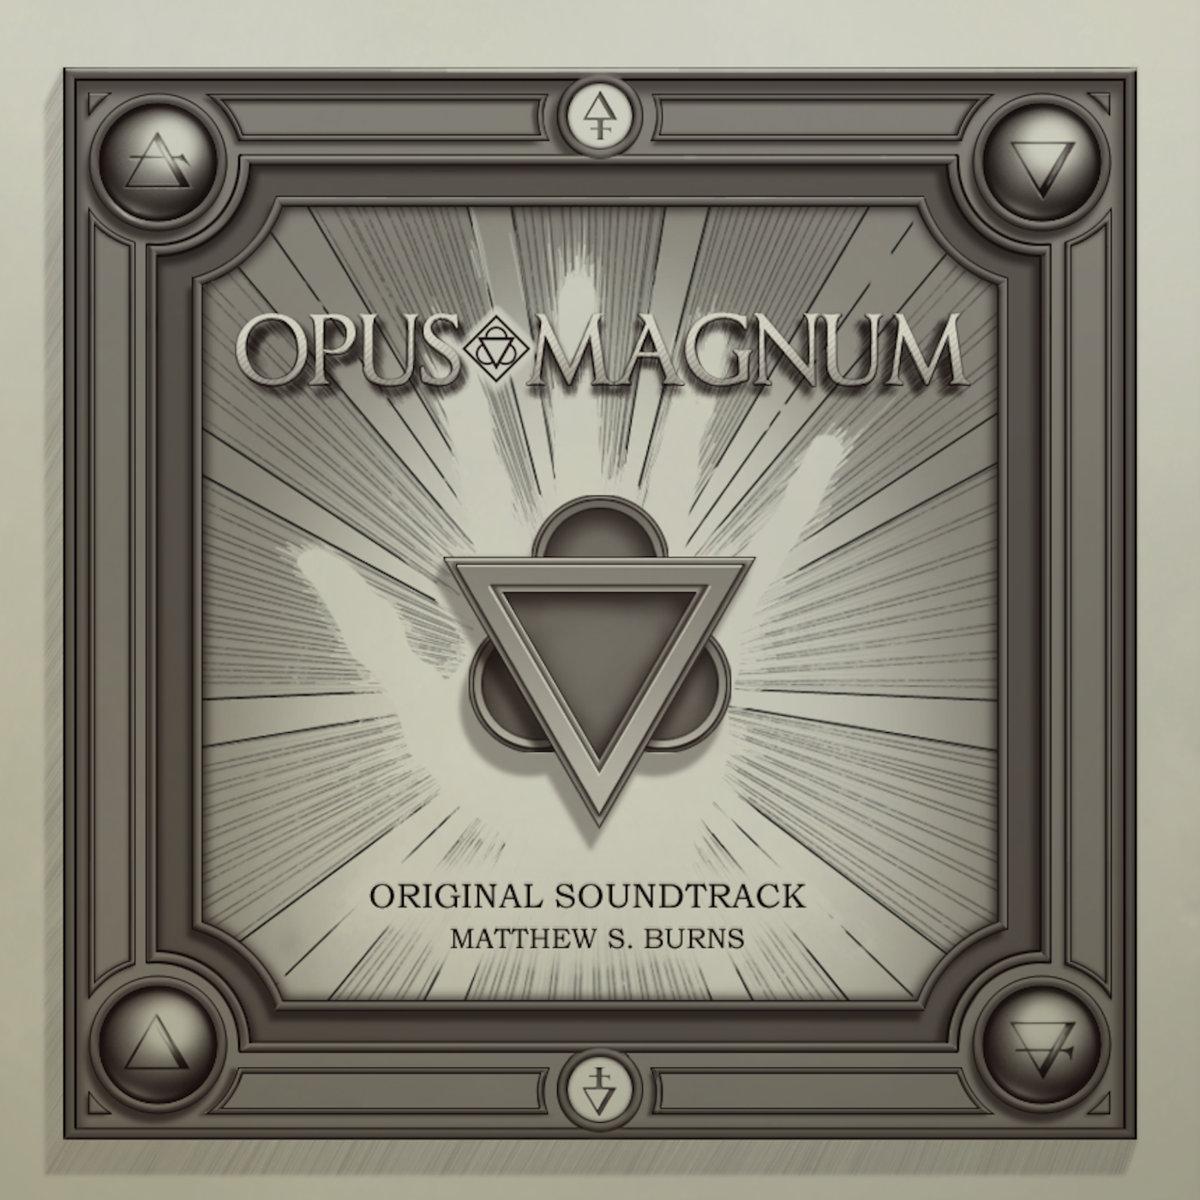 Opus Magnum Original Soundtrack